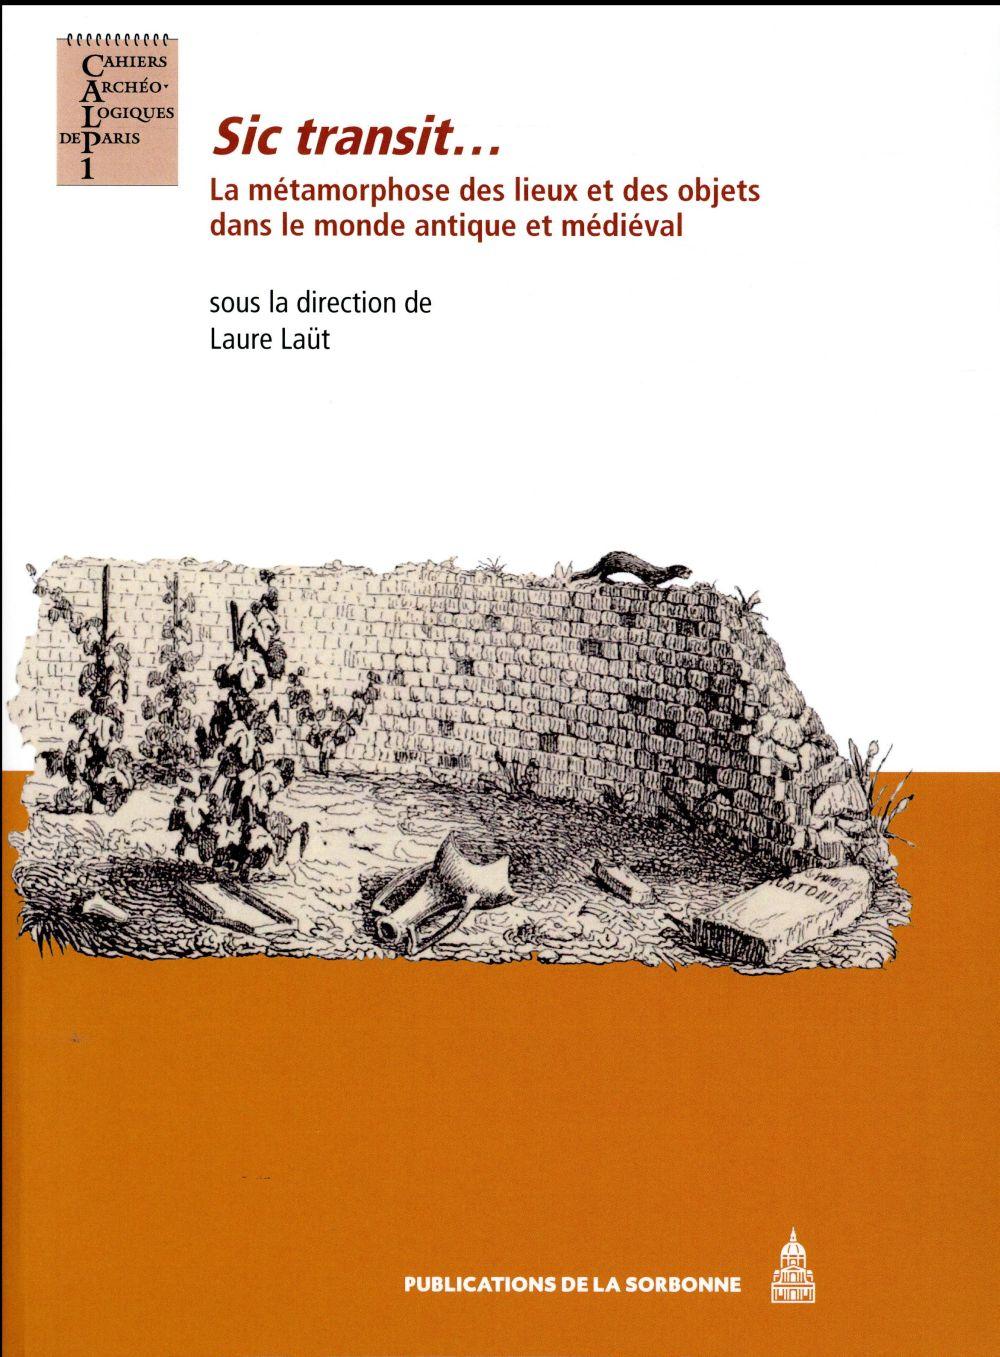 Sic transit... la métamorphose des lieux et des objets dans le monde antique et médiéval